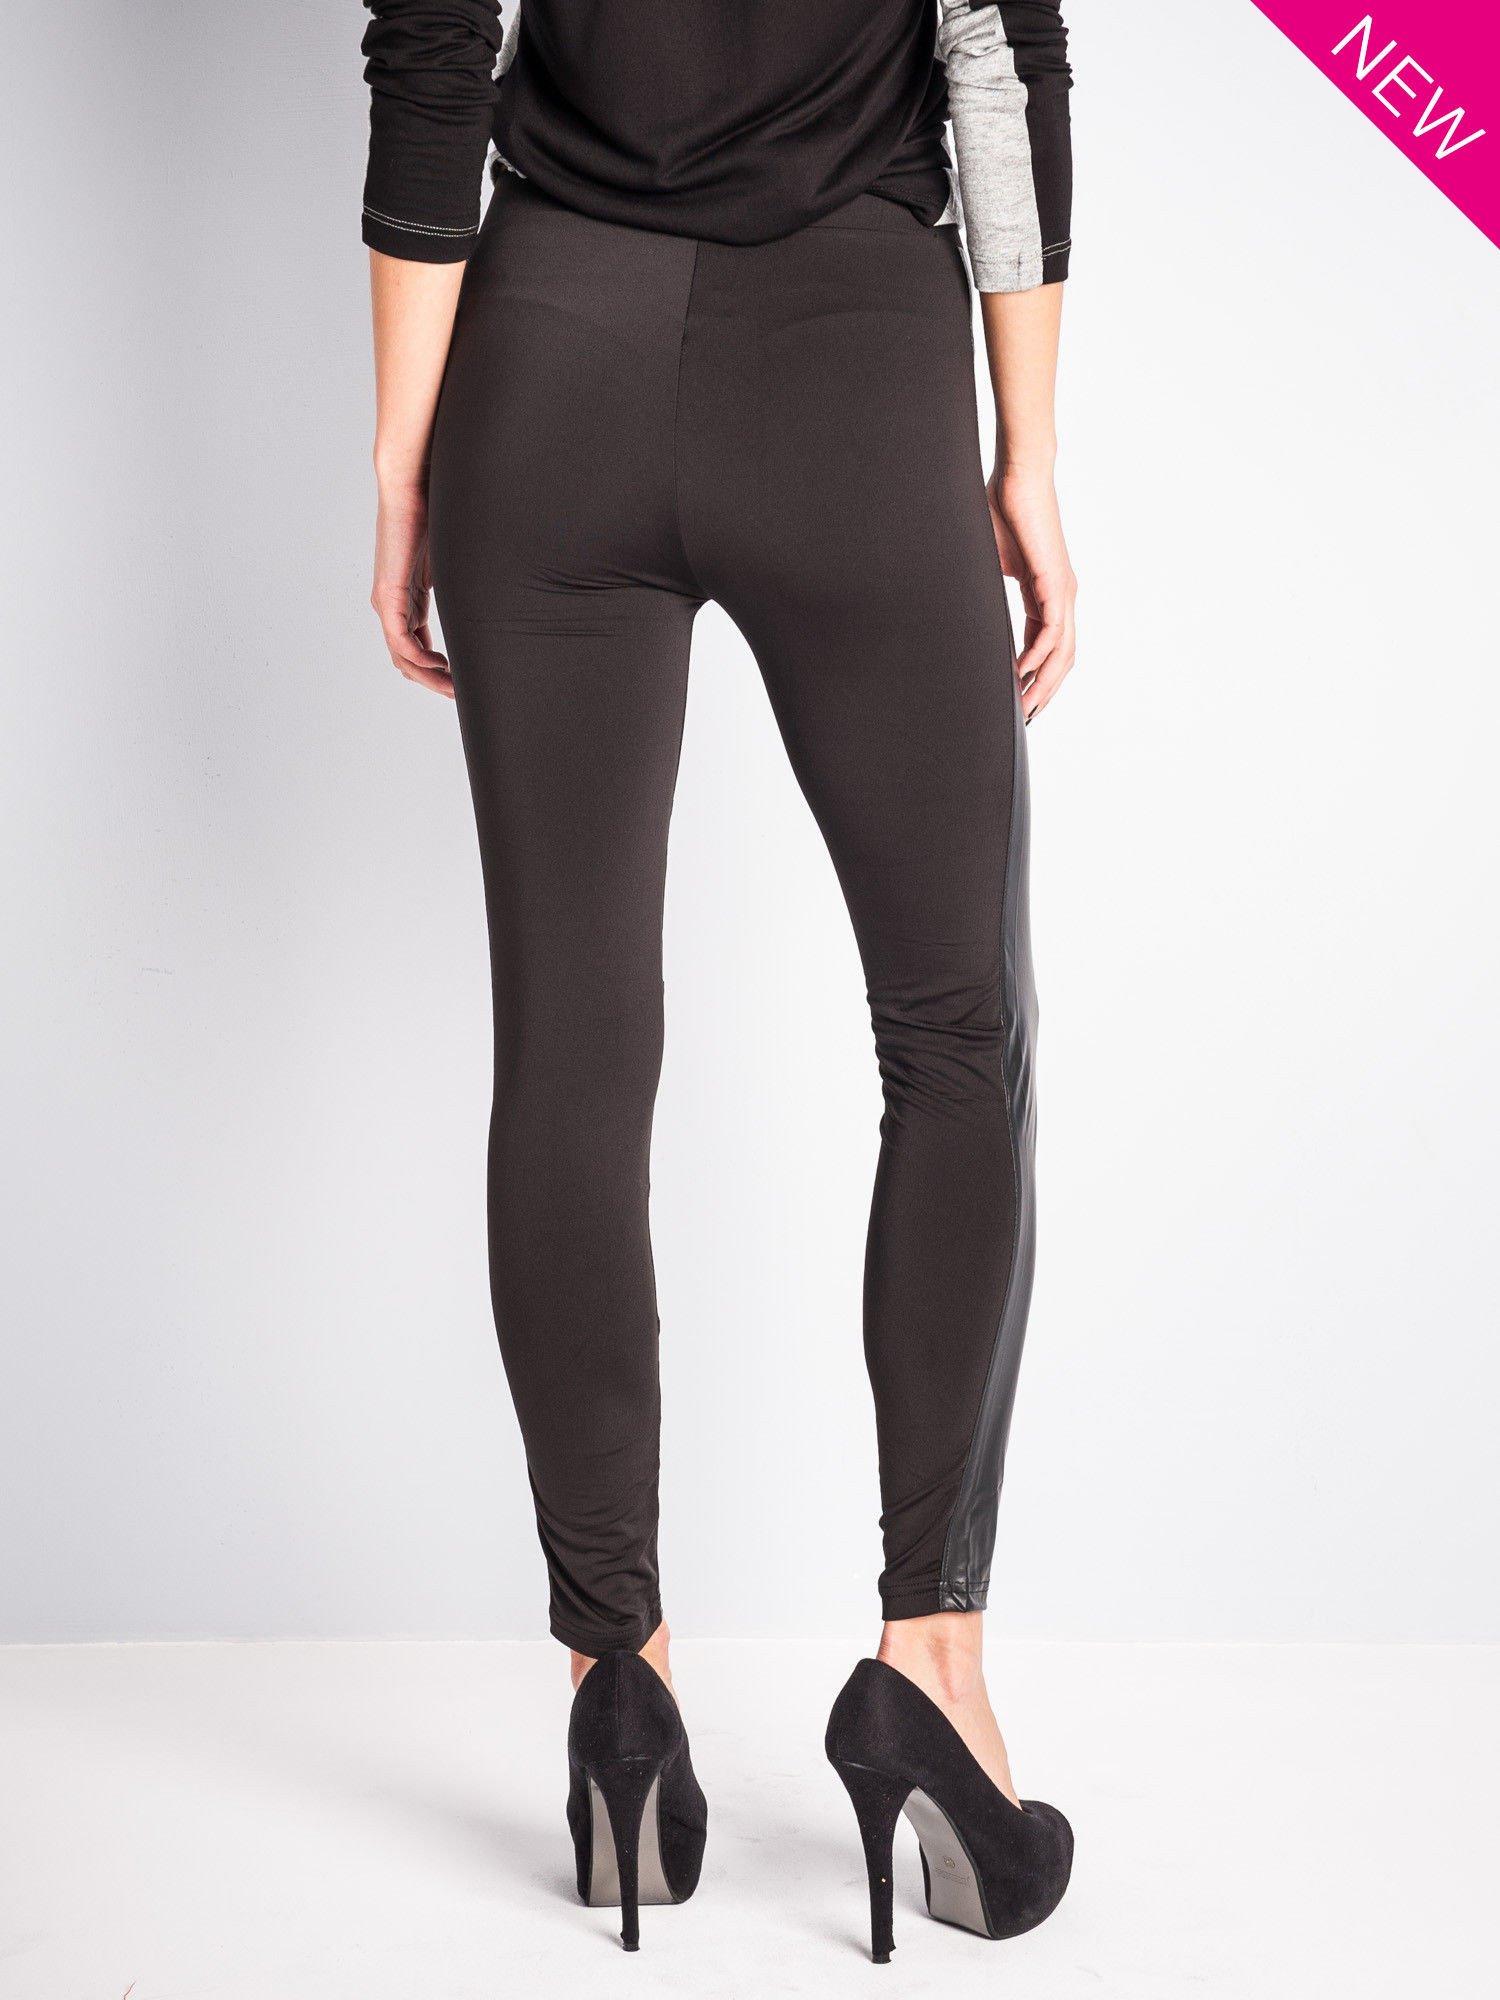 Czarne legginsy ze skórzanymi przeszyciami                                  zdj.                                  3